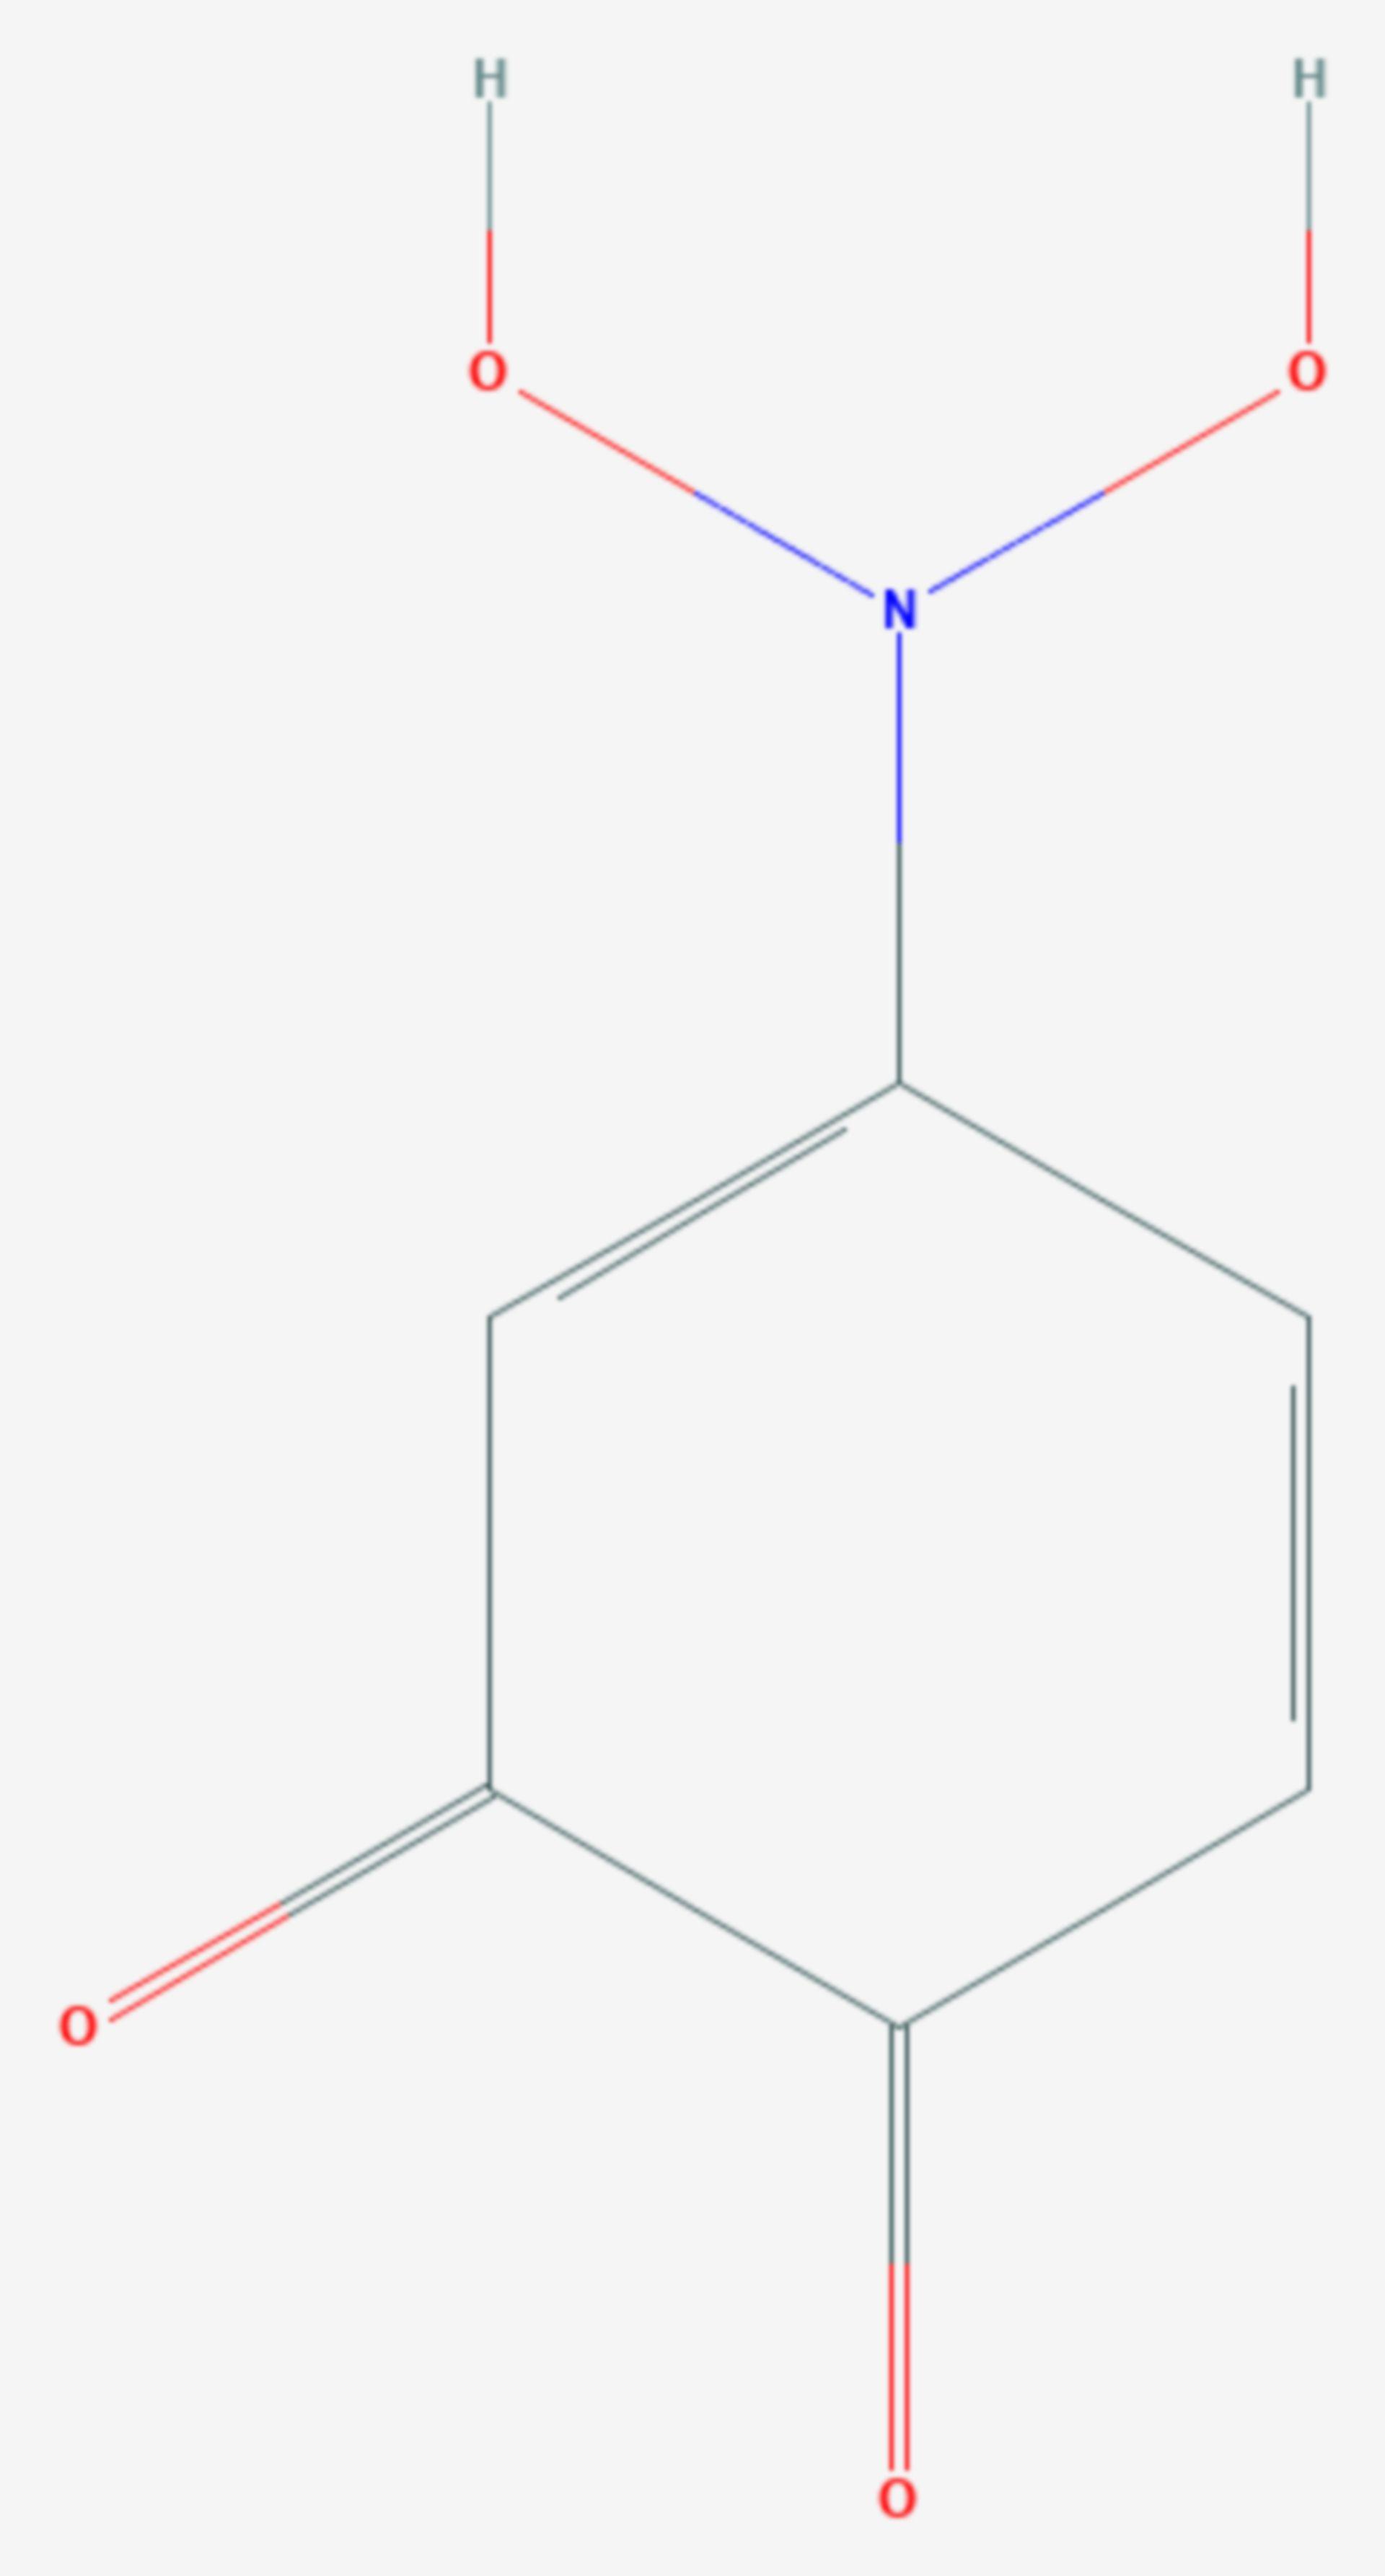 4-Nitrobrenzcatechin (Strukturformel)